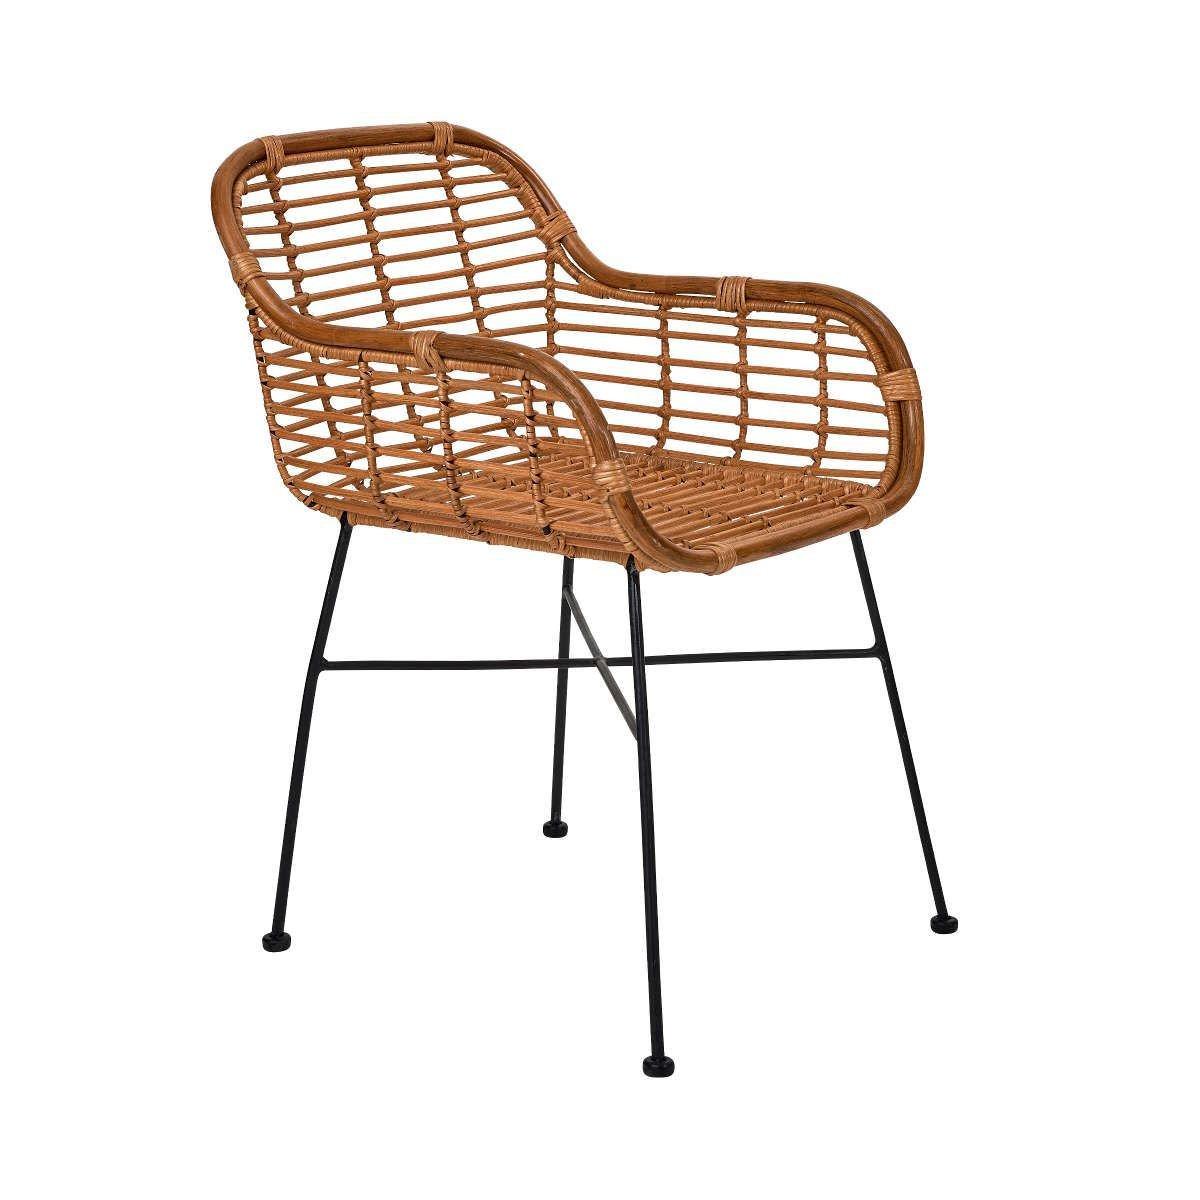 Bild 2 von Rattan-Sessel mit Armlehnen